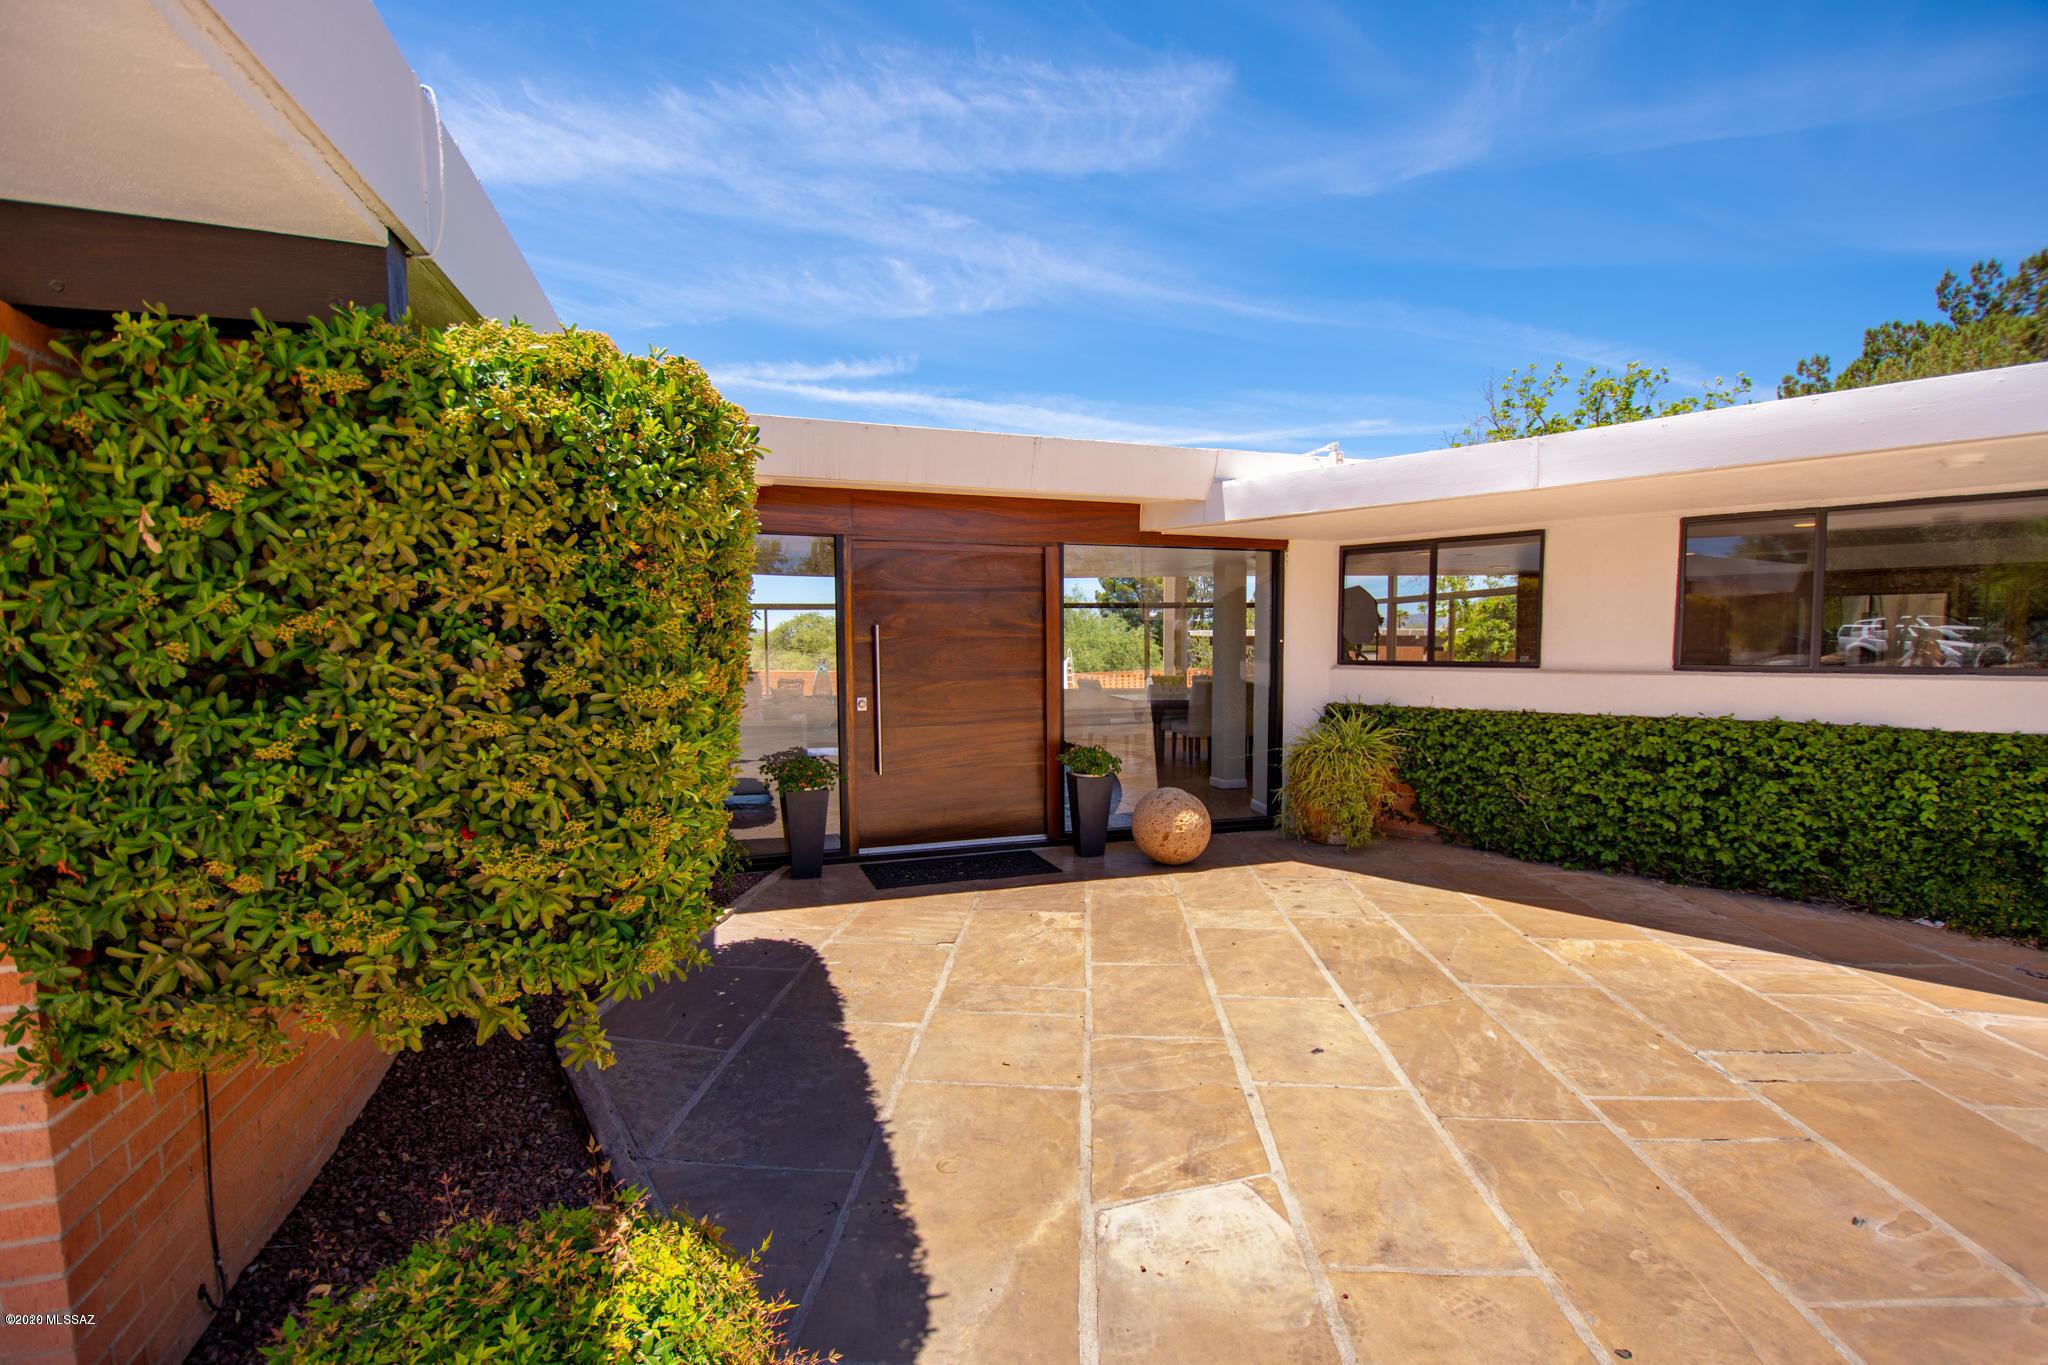 Photo of 1070 E Valle Vista Drive, Nogales, AZ 85621